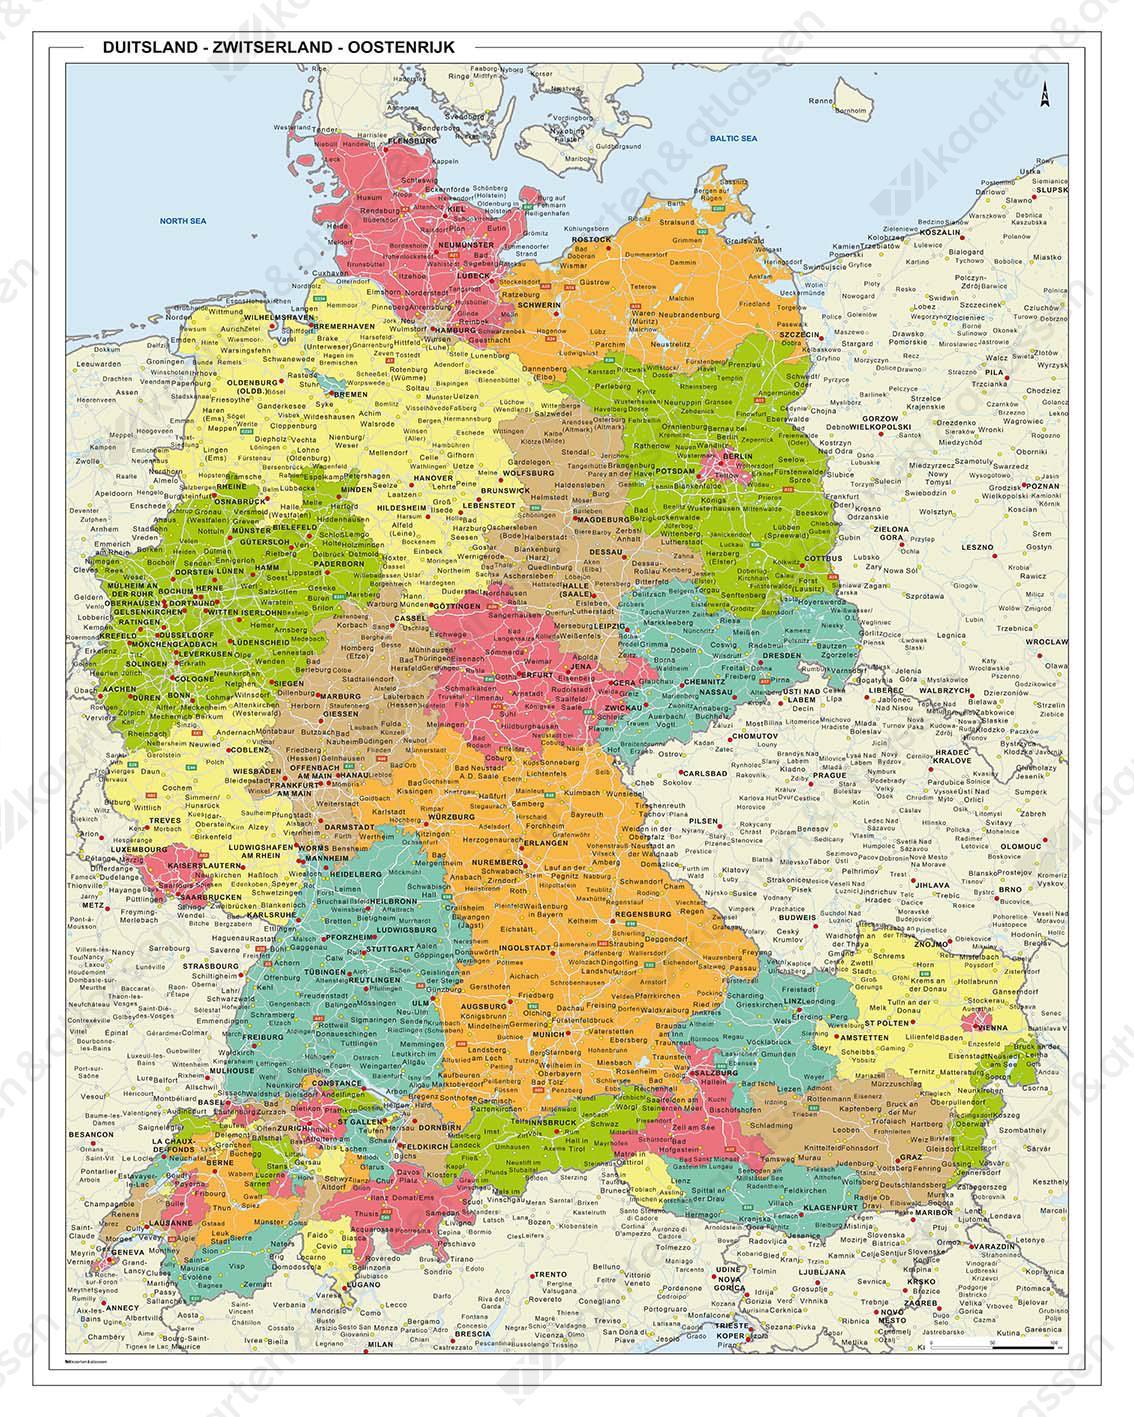 Duitsland Oostenrijk Zwitserland Regiokaart 1328 Kaarten En